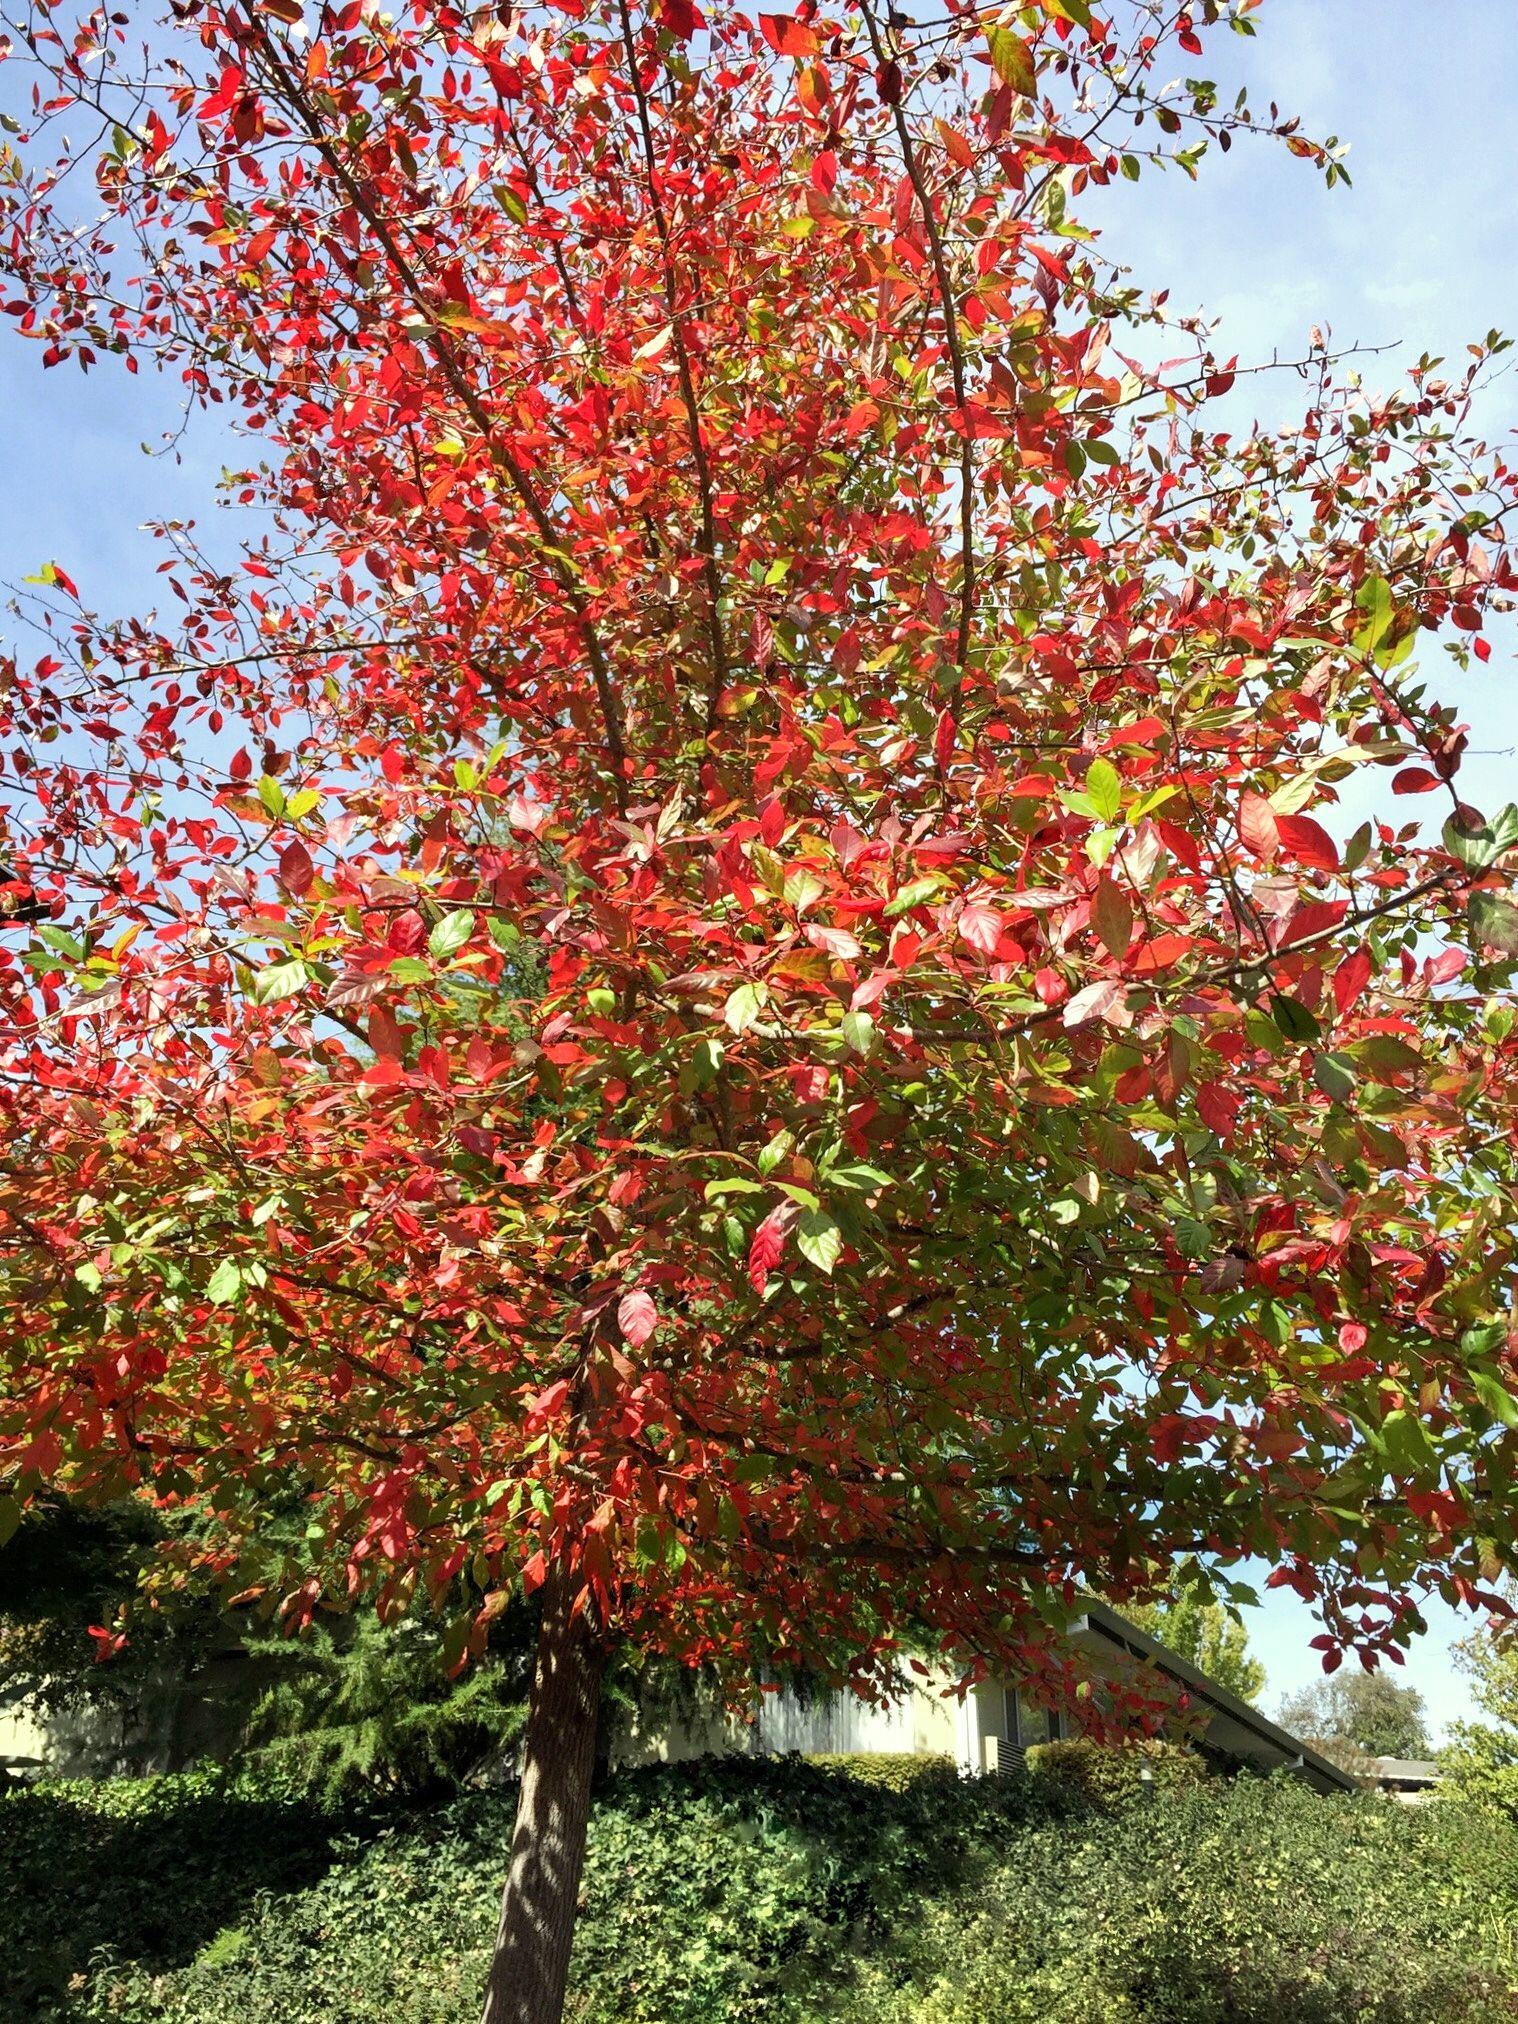 Tupelo (aka Black Gum or Sour Gum) tree 9/29/2017